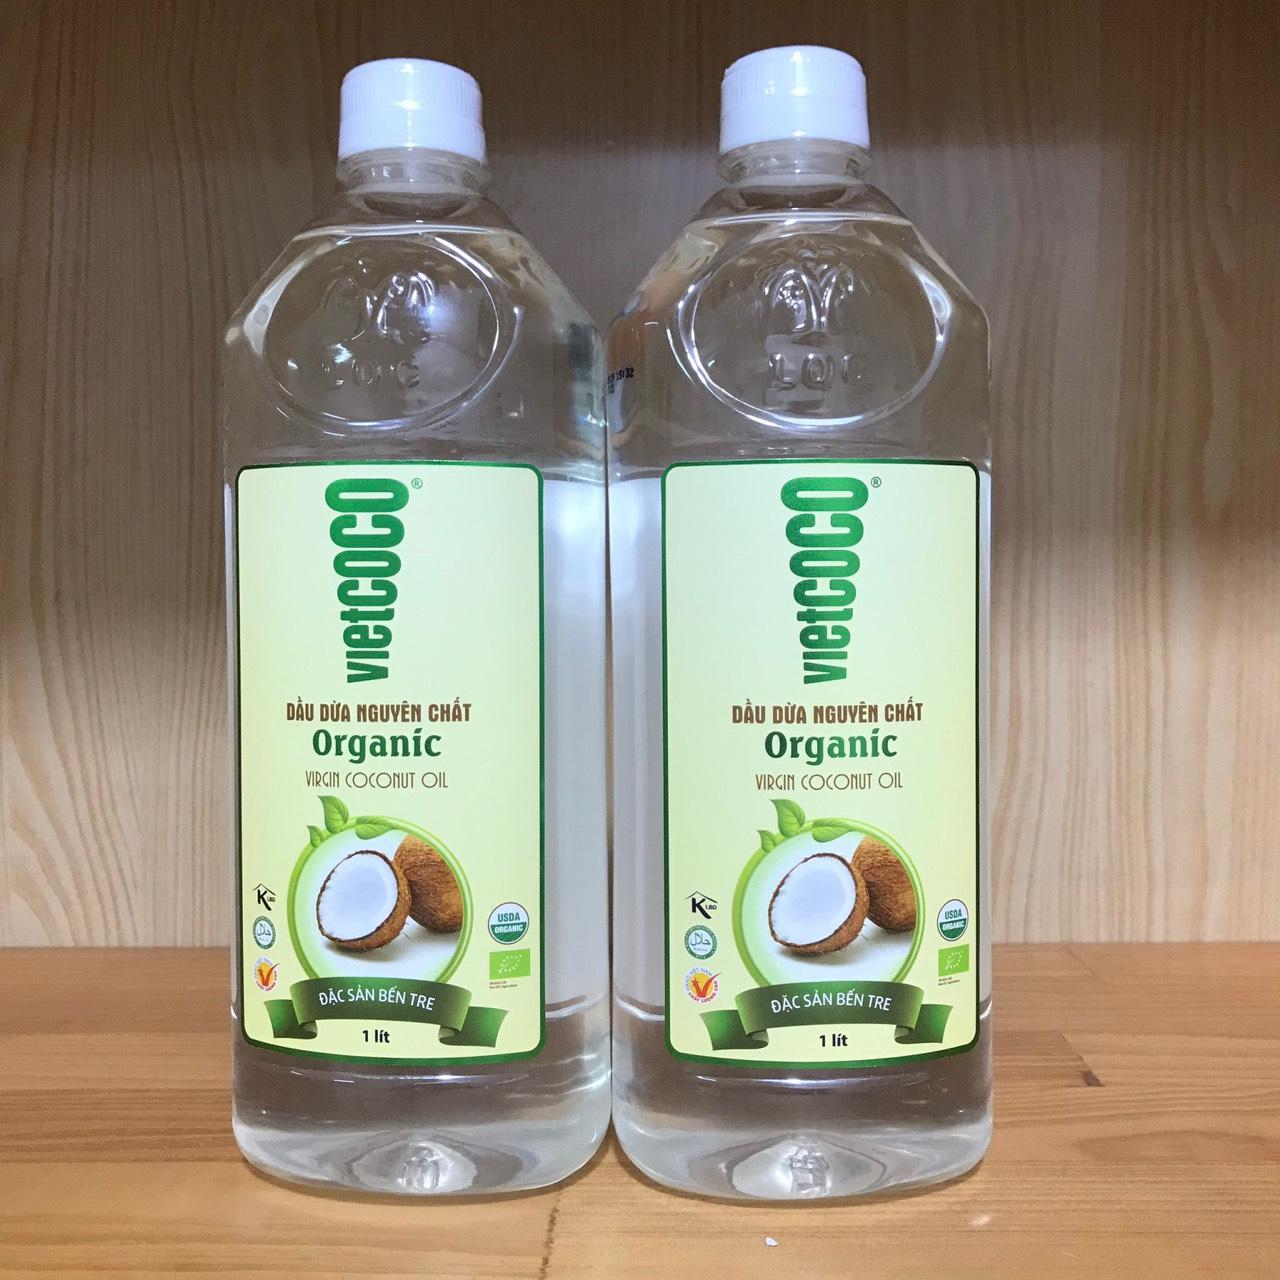 Dầu Dừa Nguyên Chất Organic 1L